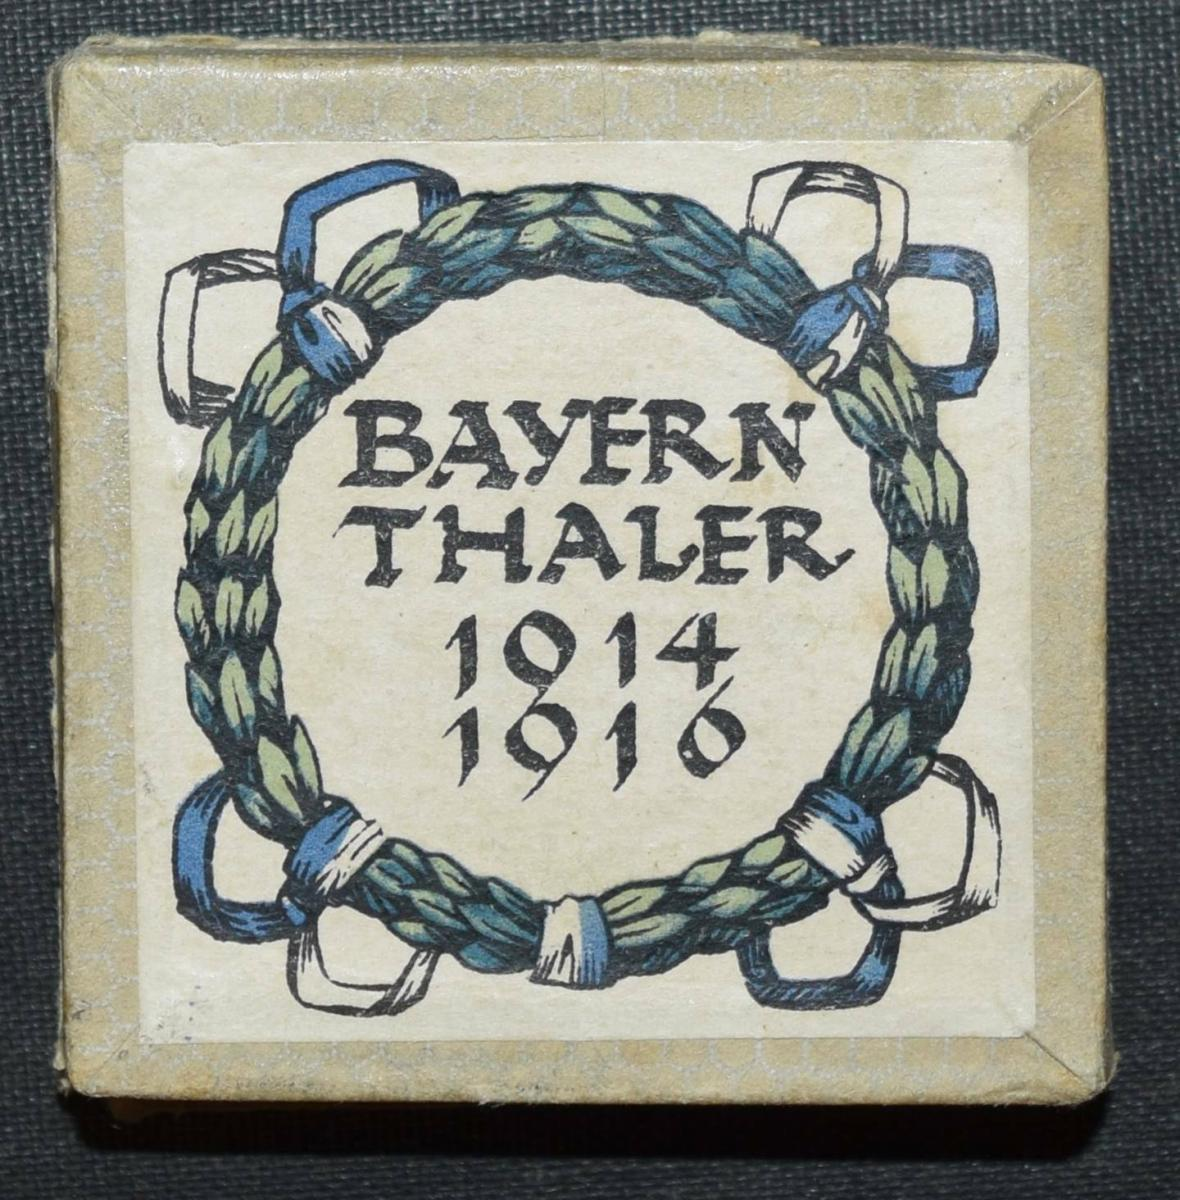 SELTENER SCHRAUBTALER – BAYERN-THALER 1914-1916 - MEDAILLE - BAVARICA 0